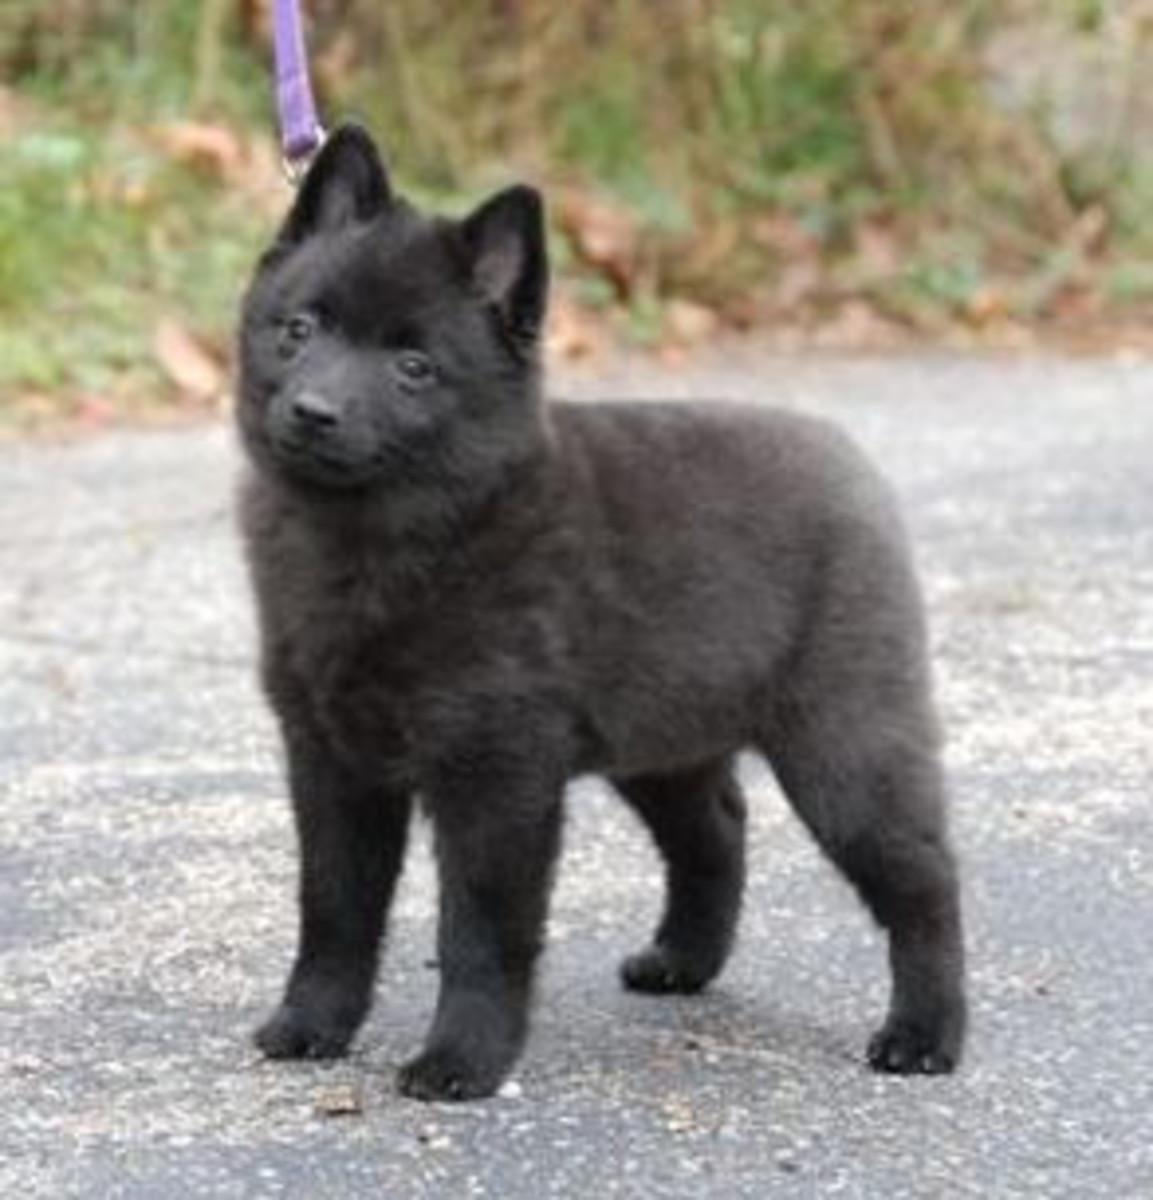 A Schipperke puppy.